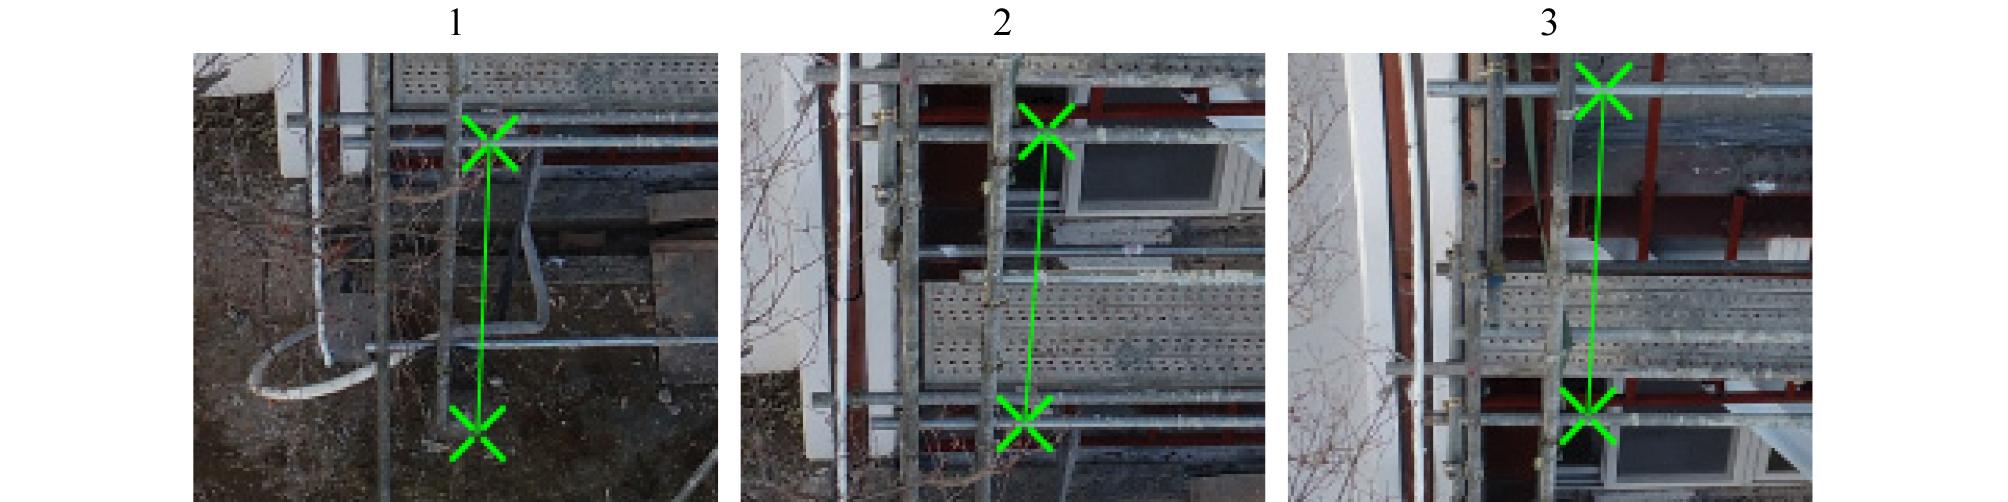 http://static.apub.kr/journalsite/sites/ksds/2019-012-03/N0240120306/images/ksds_12_03_06_F8.jpg